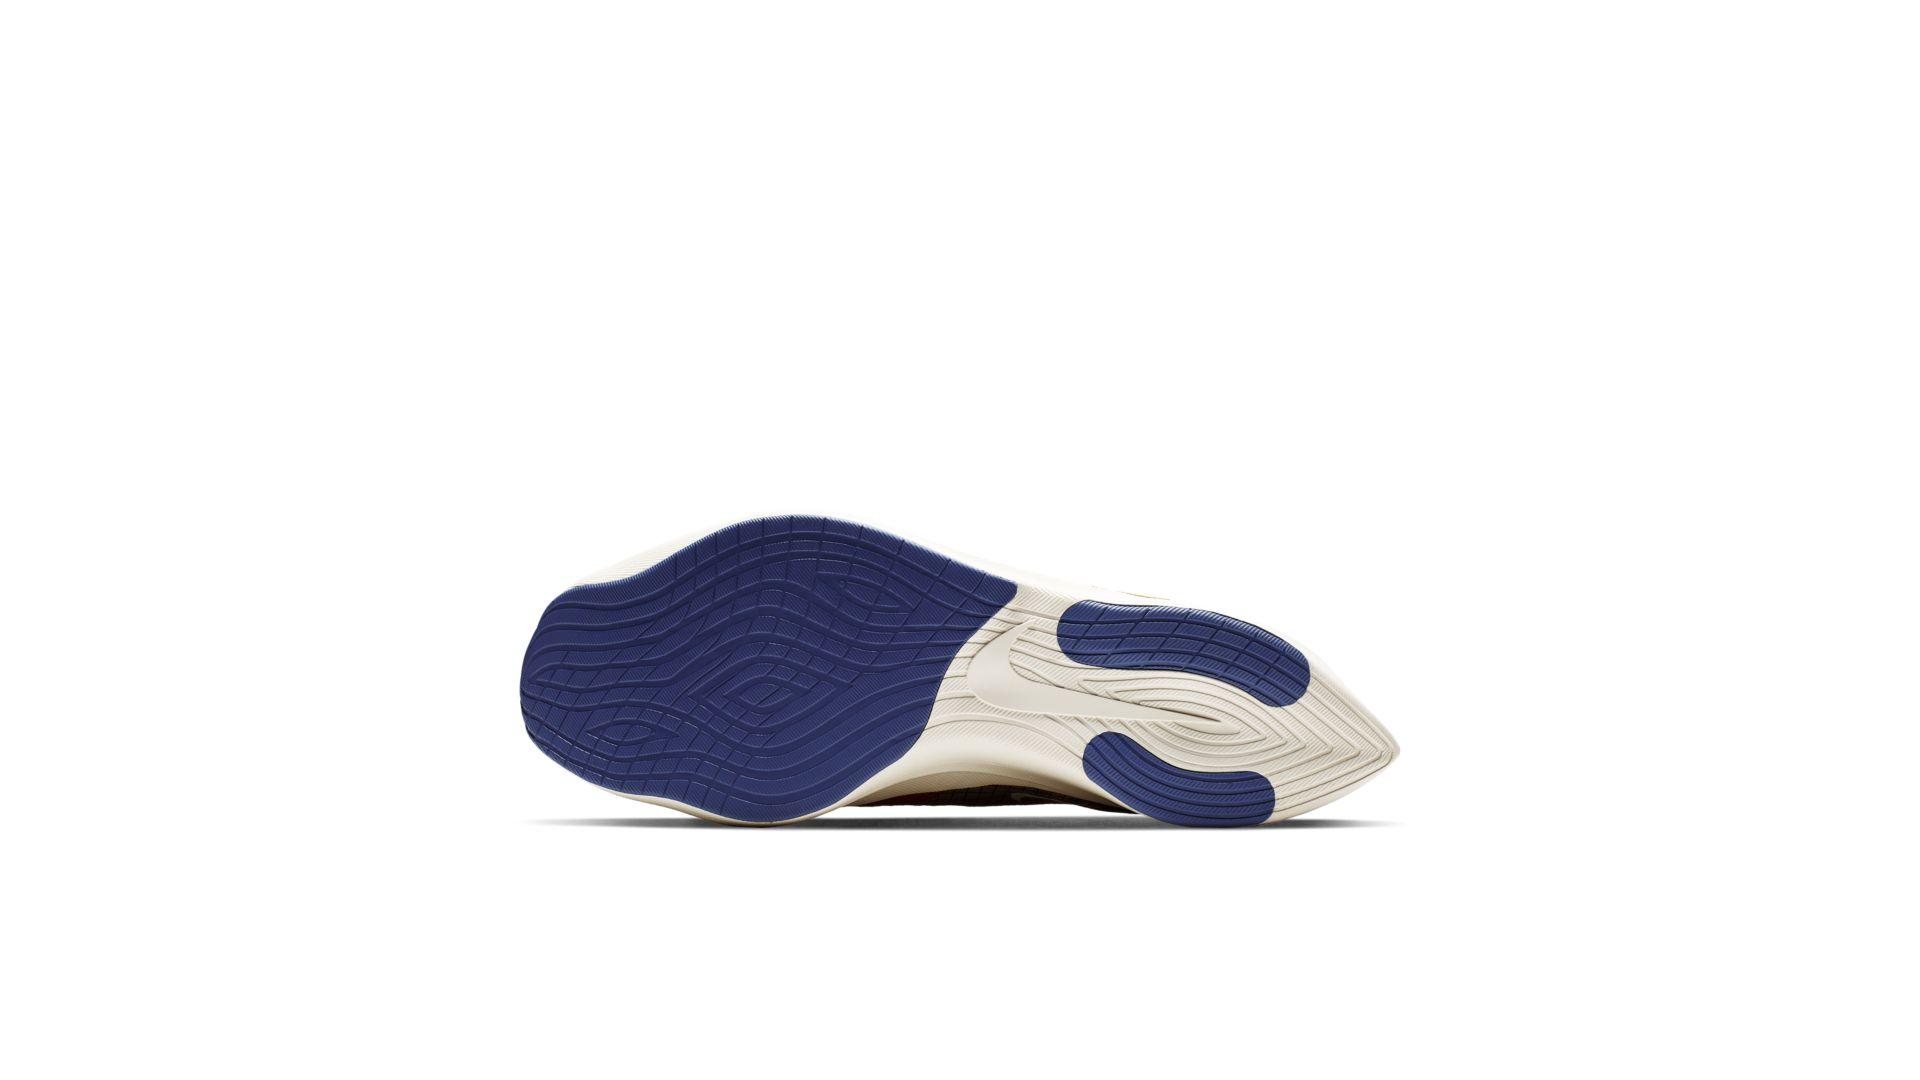 Nike Vapor Street PEG SP 'Plum Dust' (BV7724-500)